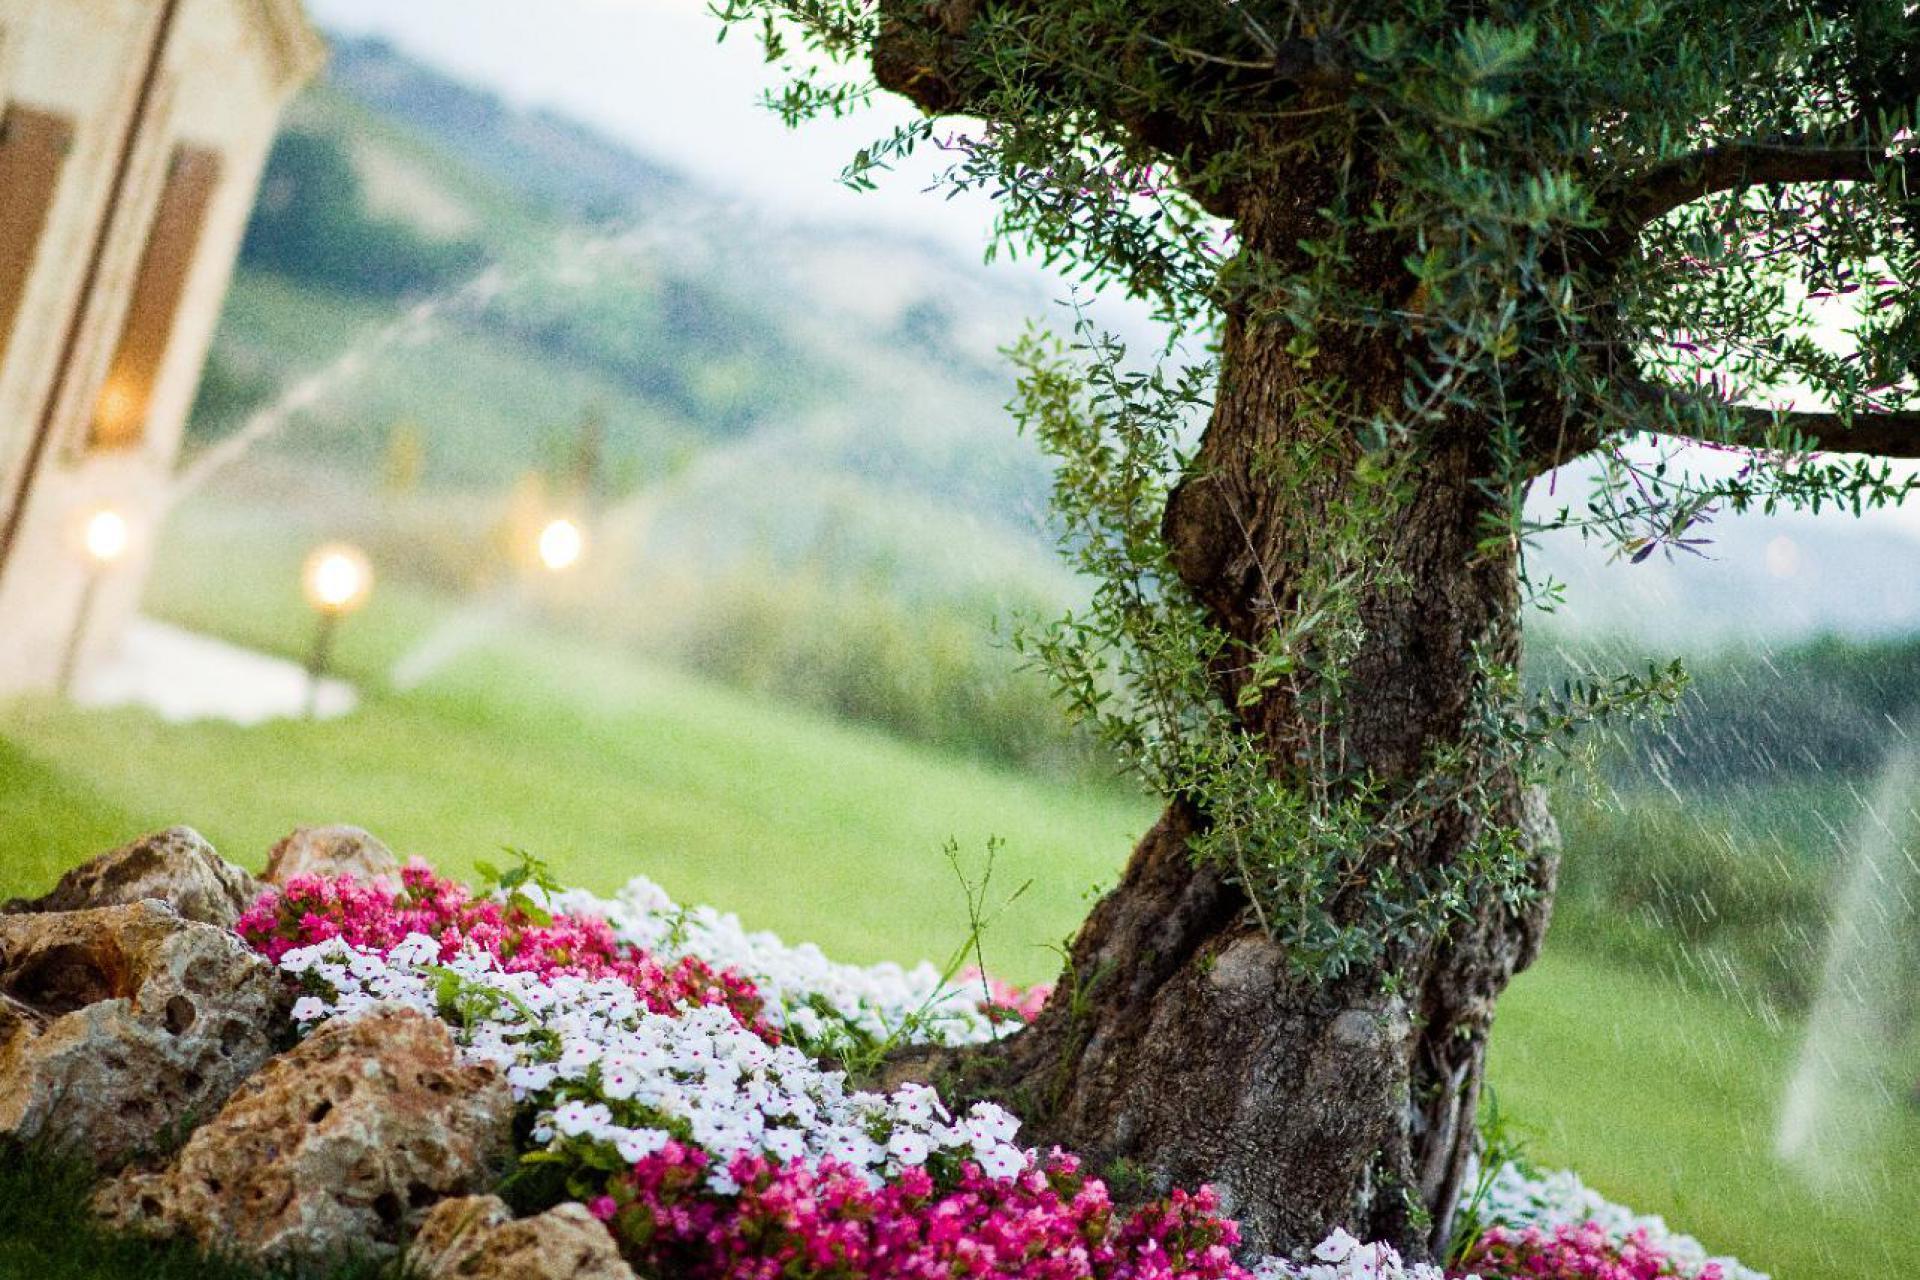 Agriturismo Marken Agriturismo Marken, familienfreundlich und ruhig gelegen